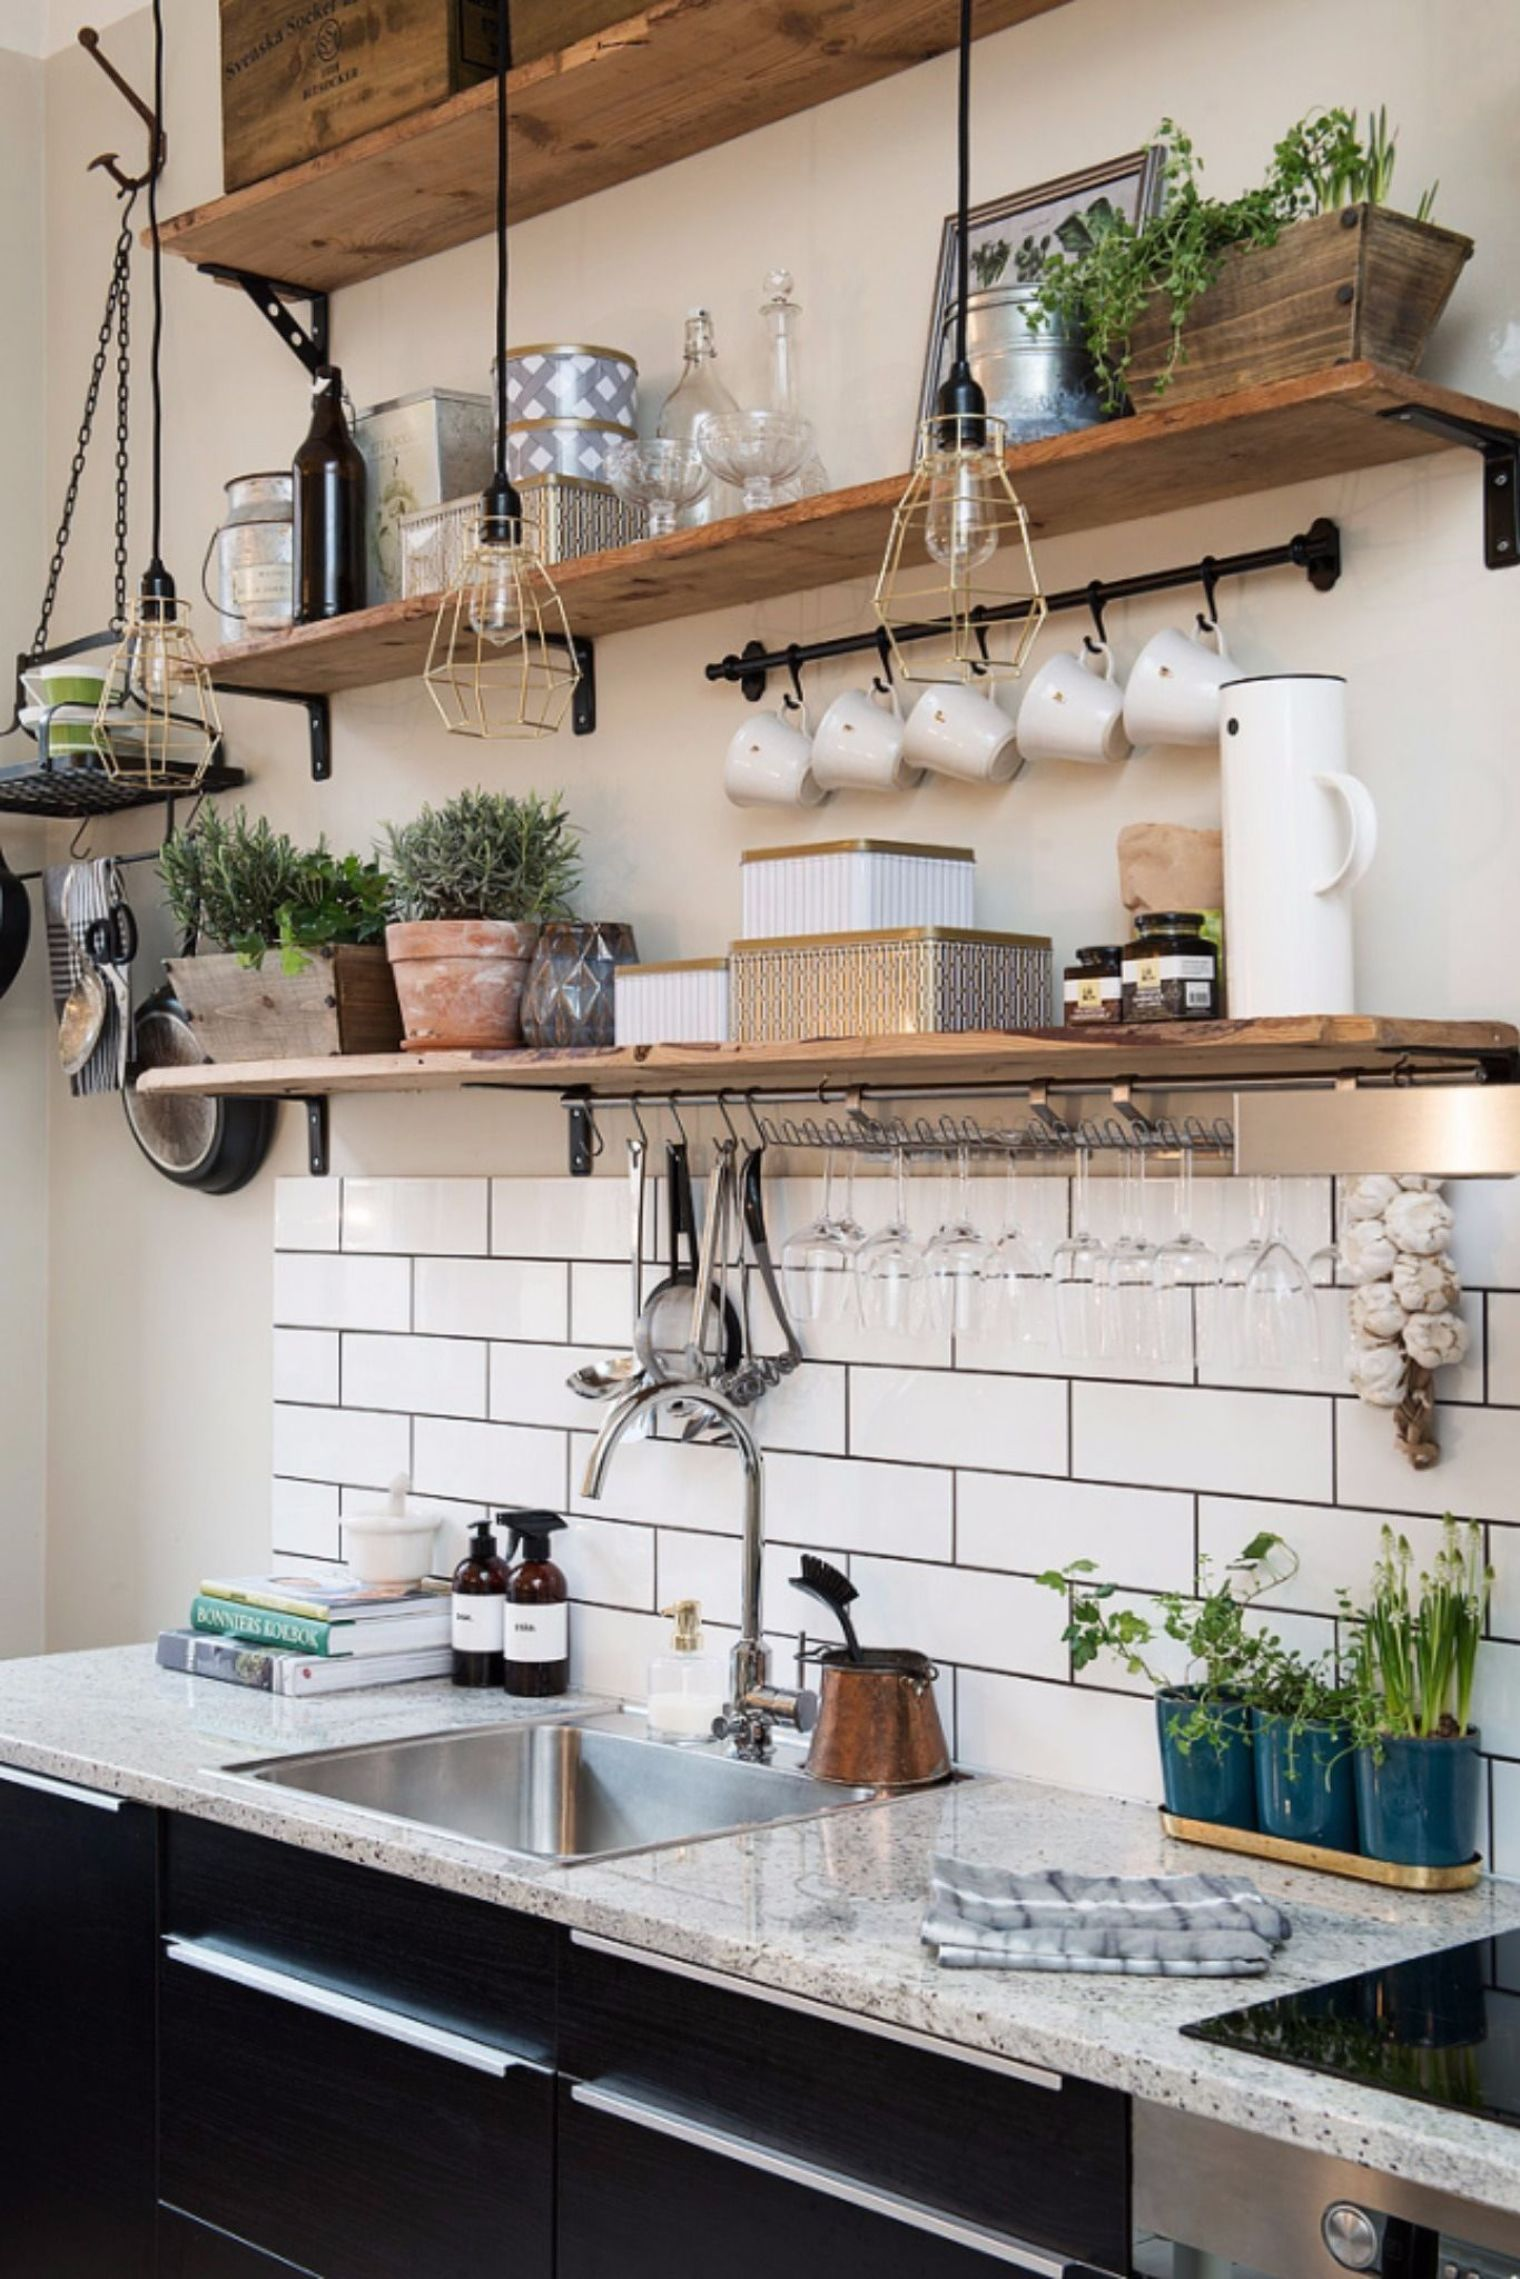 Étagère cuisine : en bois, vintage, scandinave, graphique